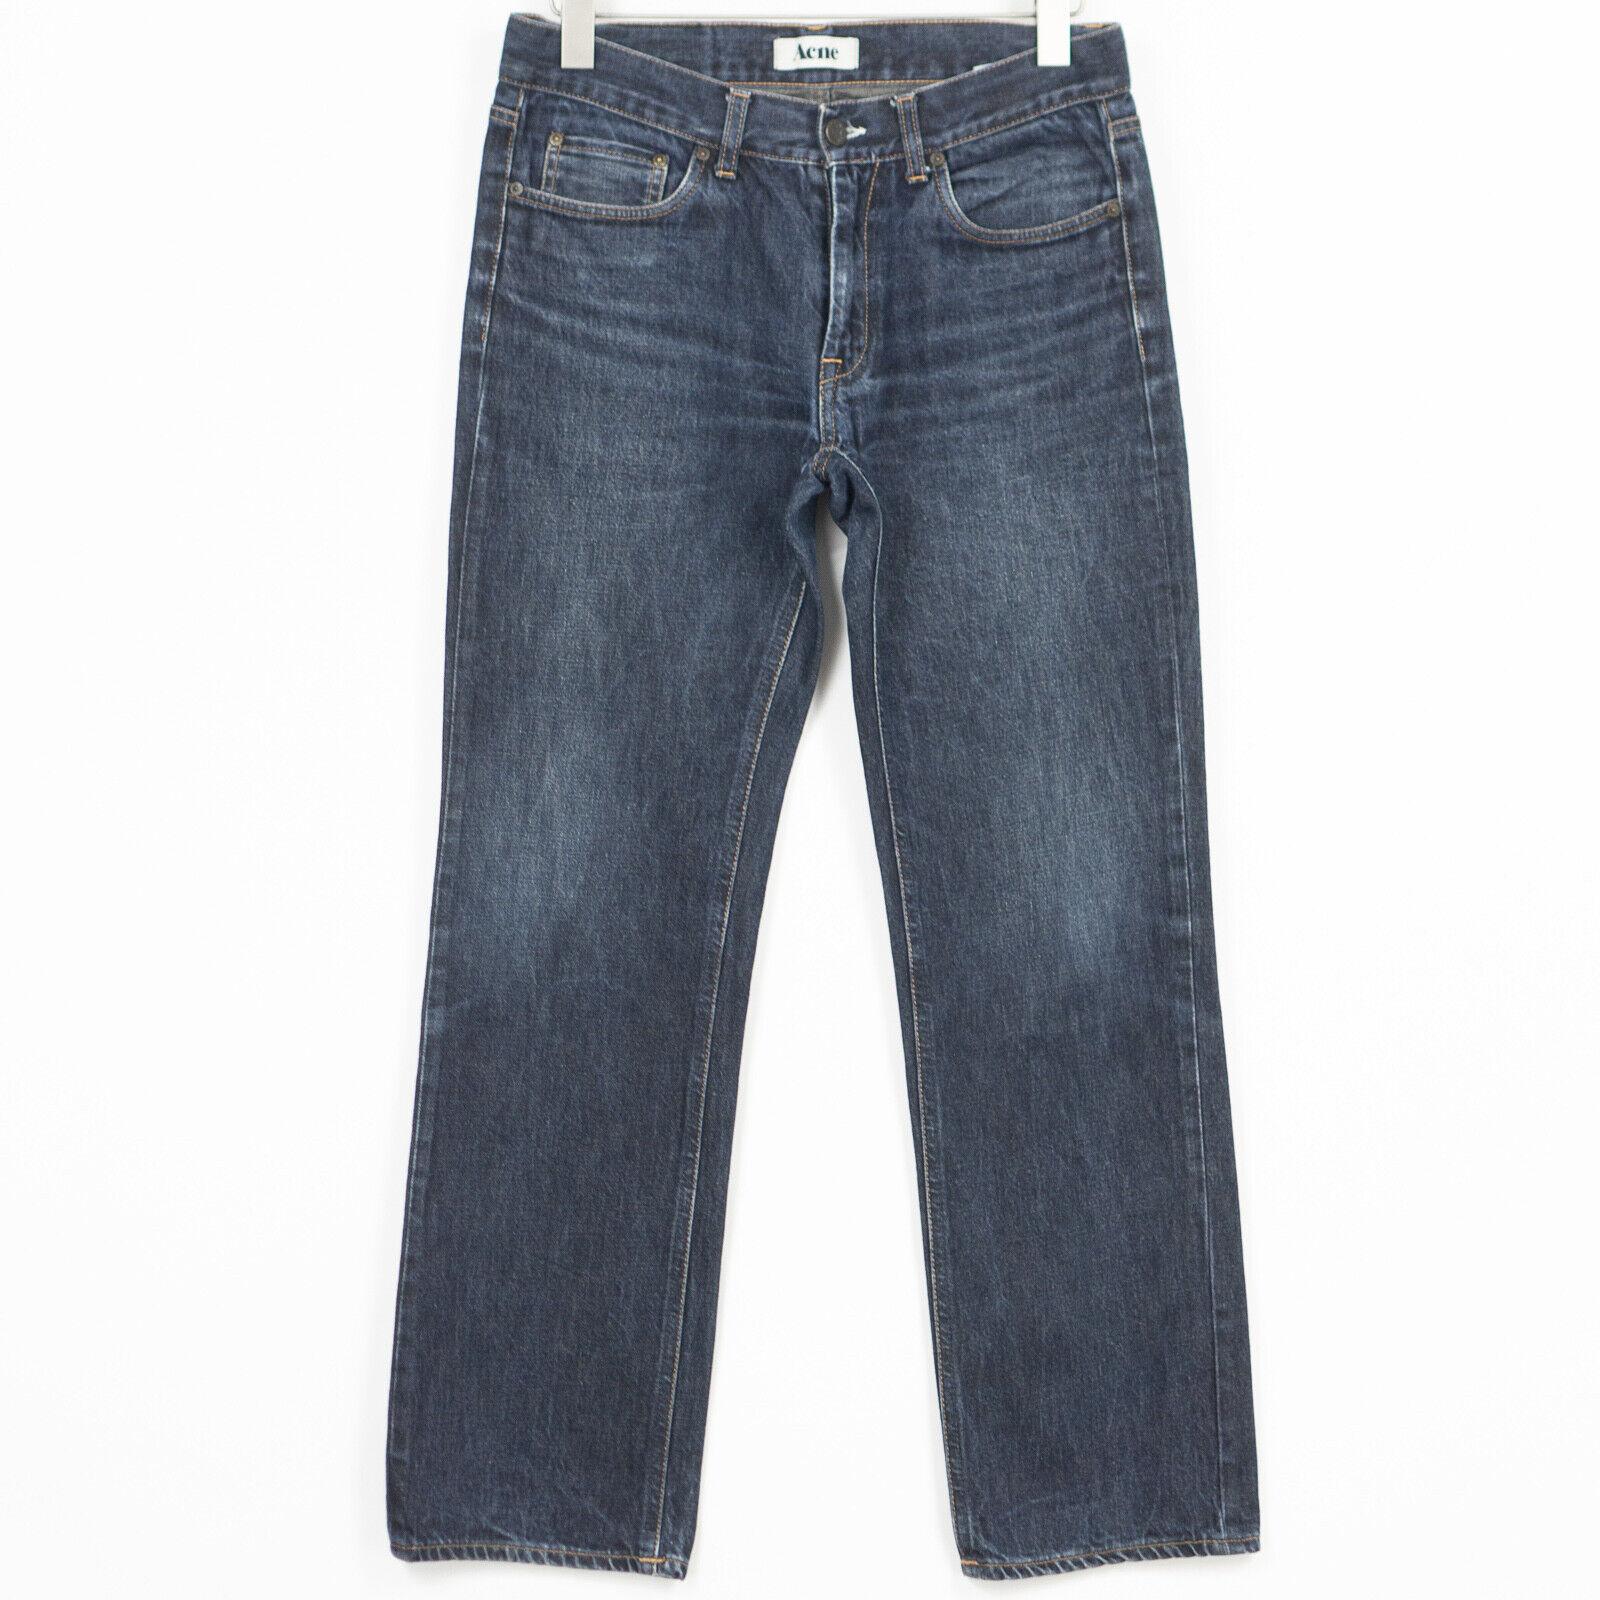 Acne Mic Rigid Jeans Regulär Gerade Herren Größe W33 L32